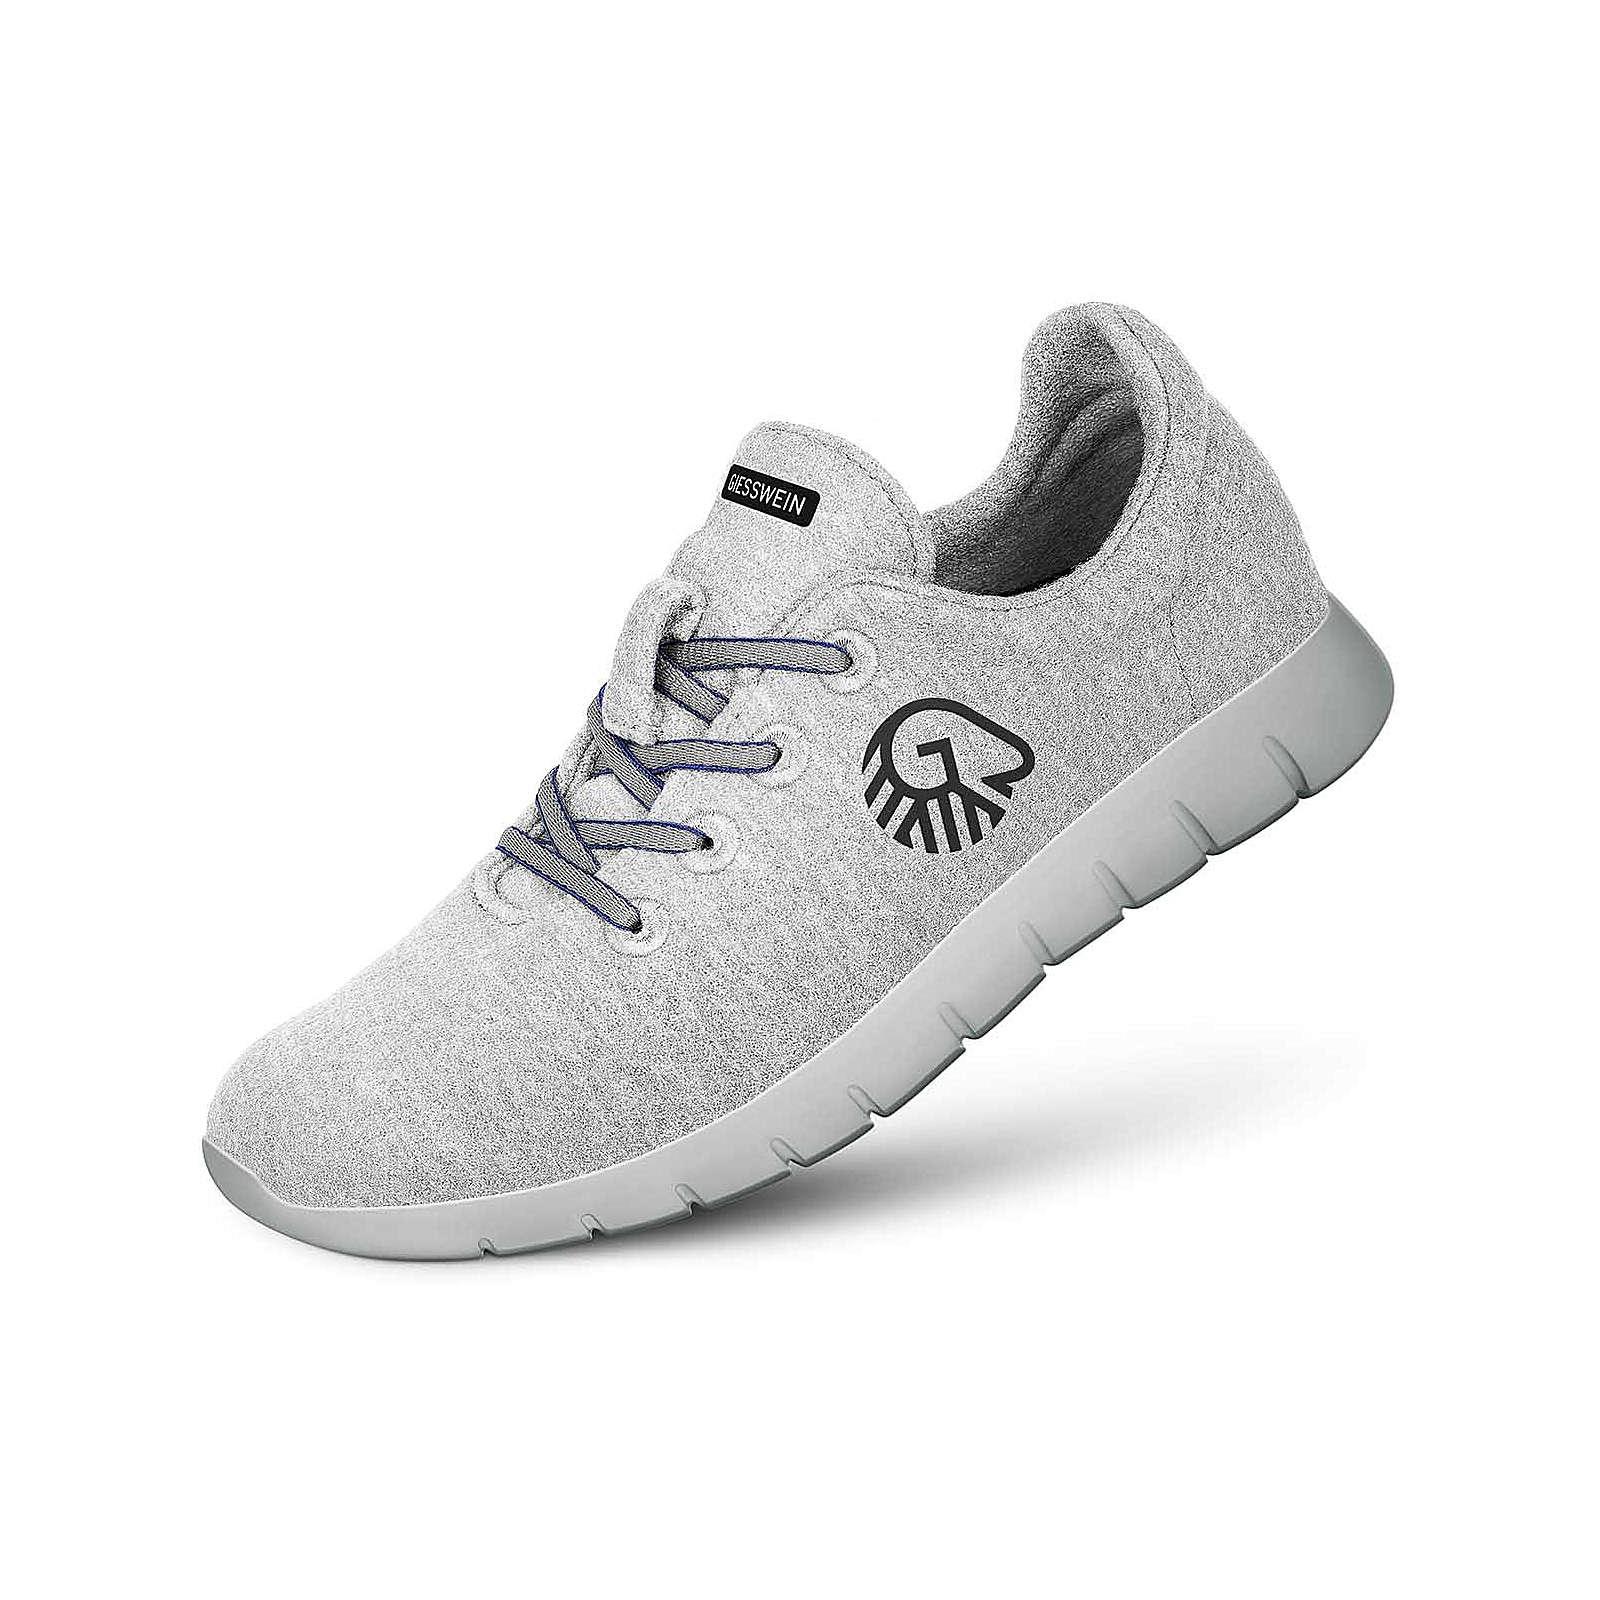 Giesswein Woll-Sneaker Merino Runners MEN Sneakers Low weiß/grau Herren Gr. 46